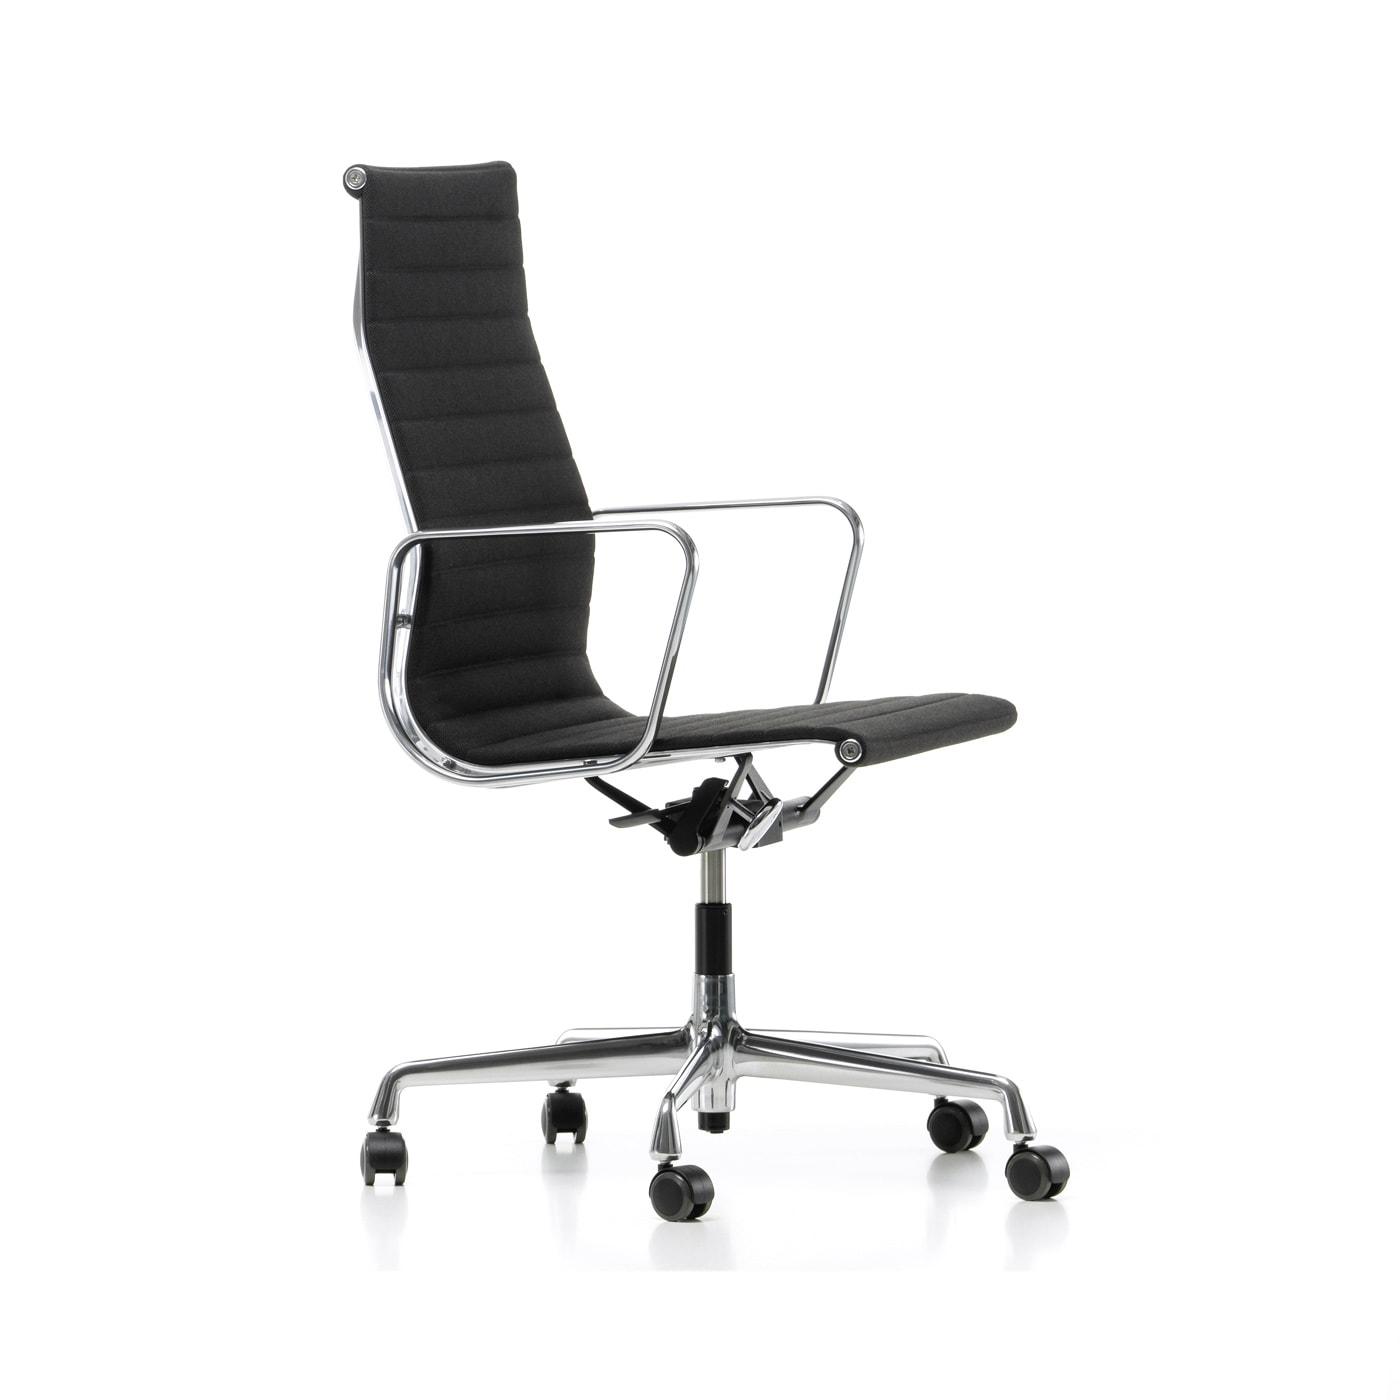 VITRA Aluminium Chairs 119 seduta direzionale